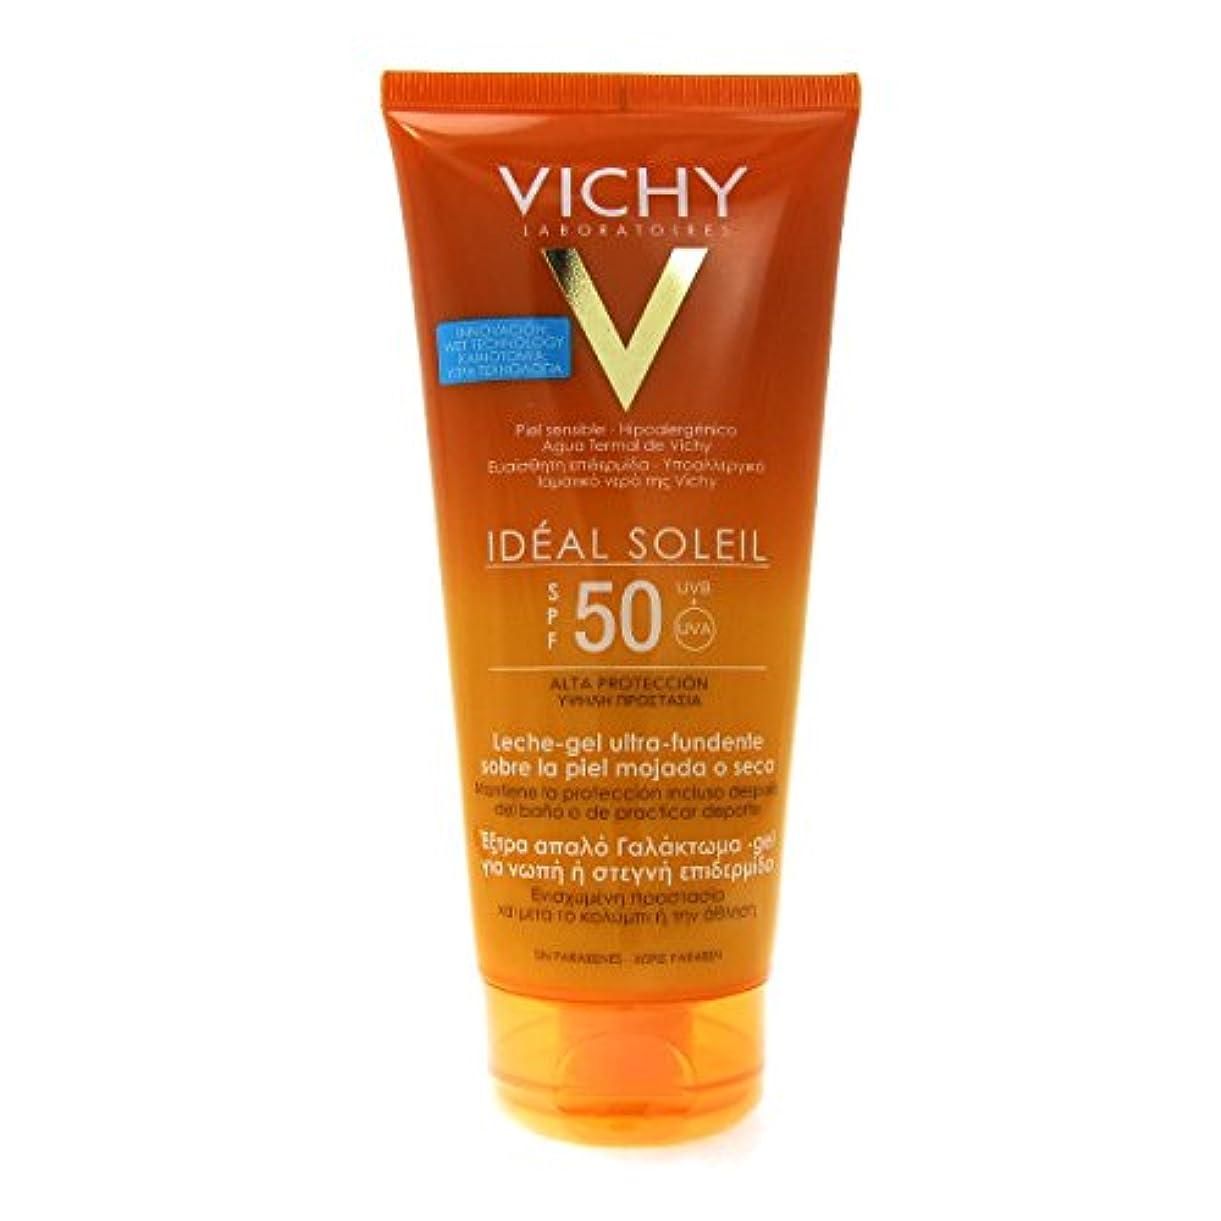 第五発音保持するVichy Capital Soleil Ideal Soleil Gel-cream Spf50 Face And Body 200ml [並行輸入品]